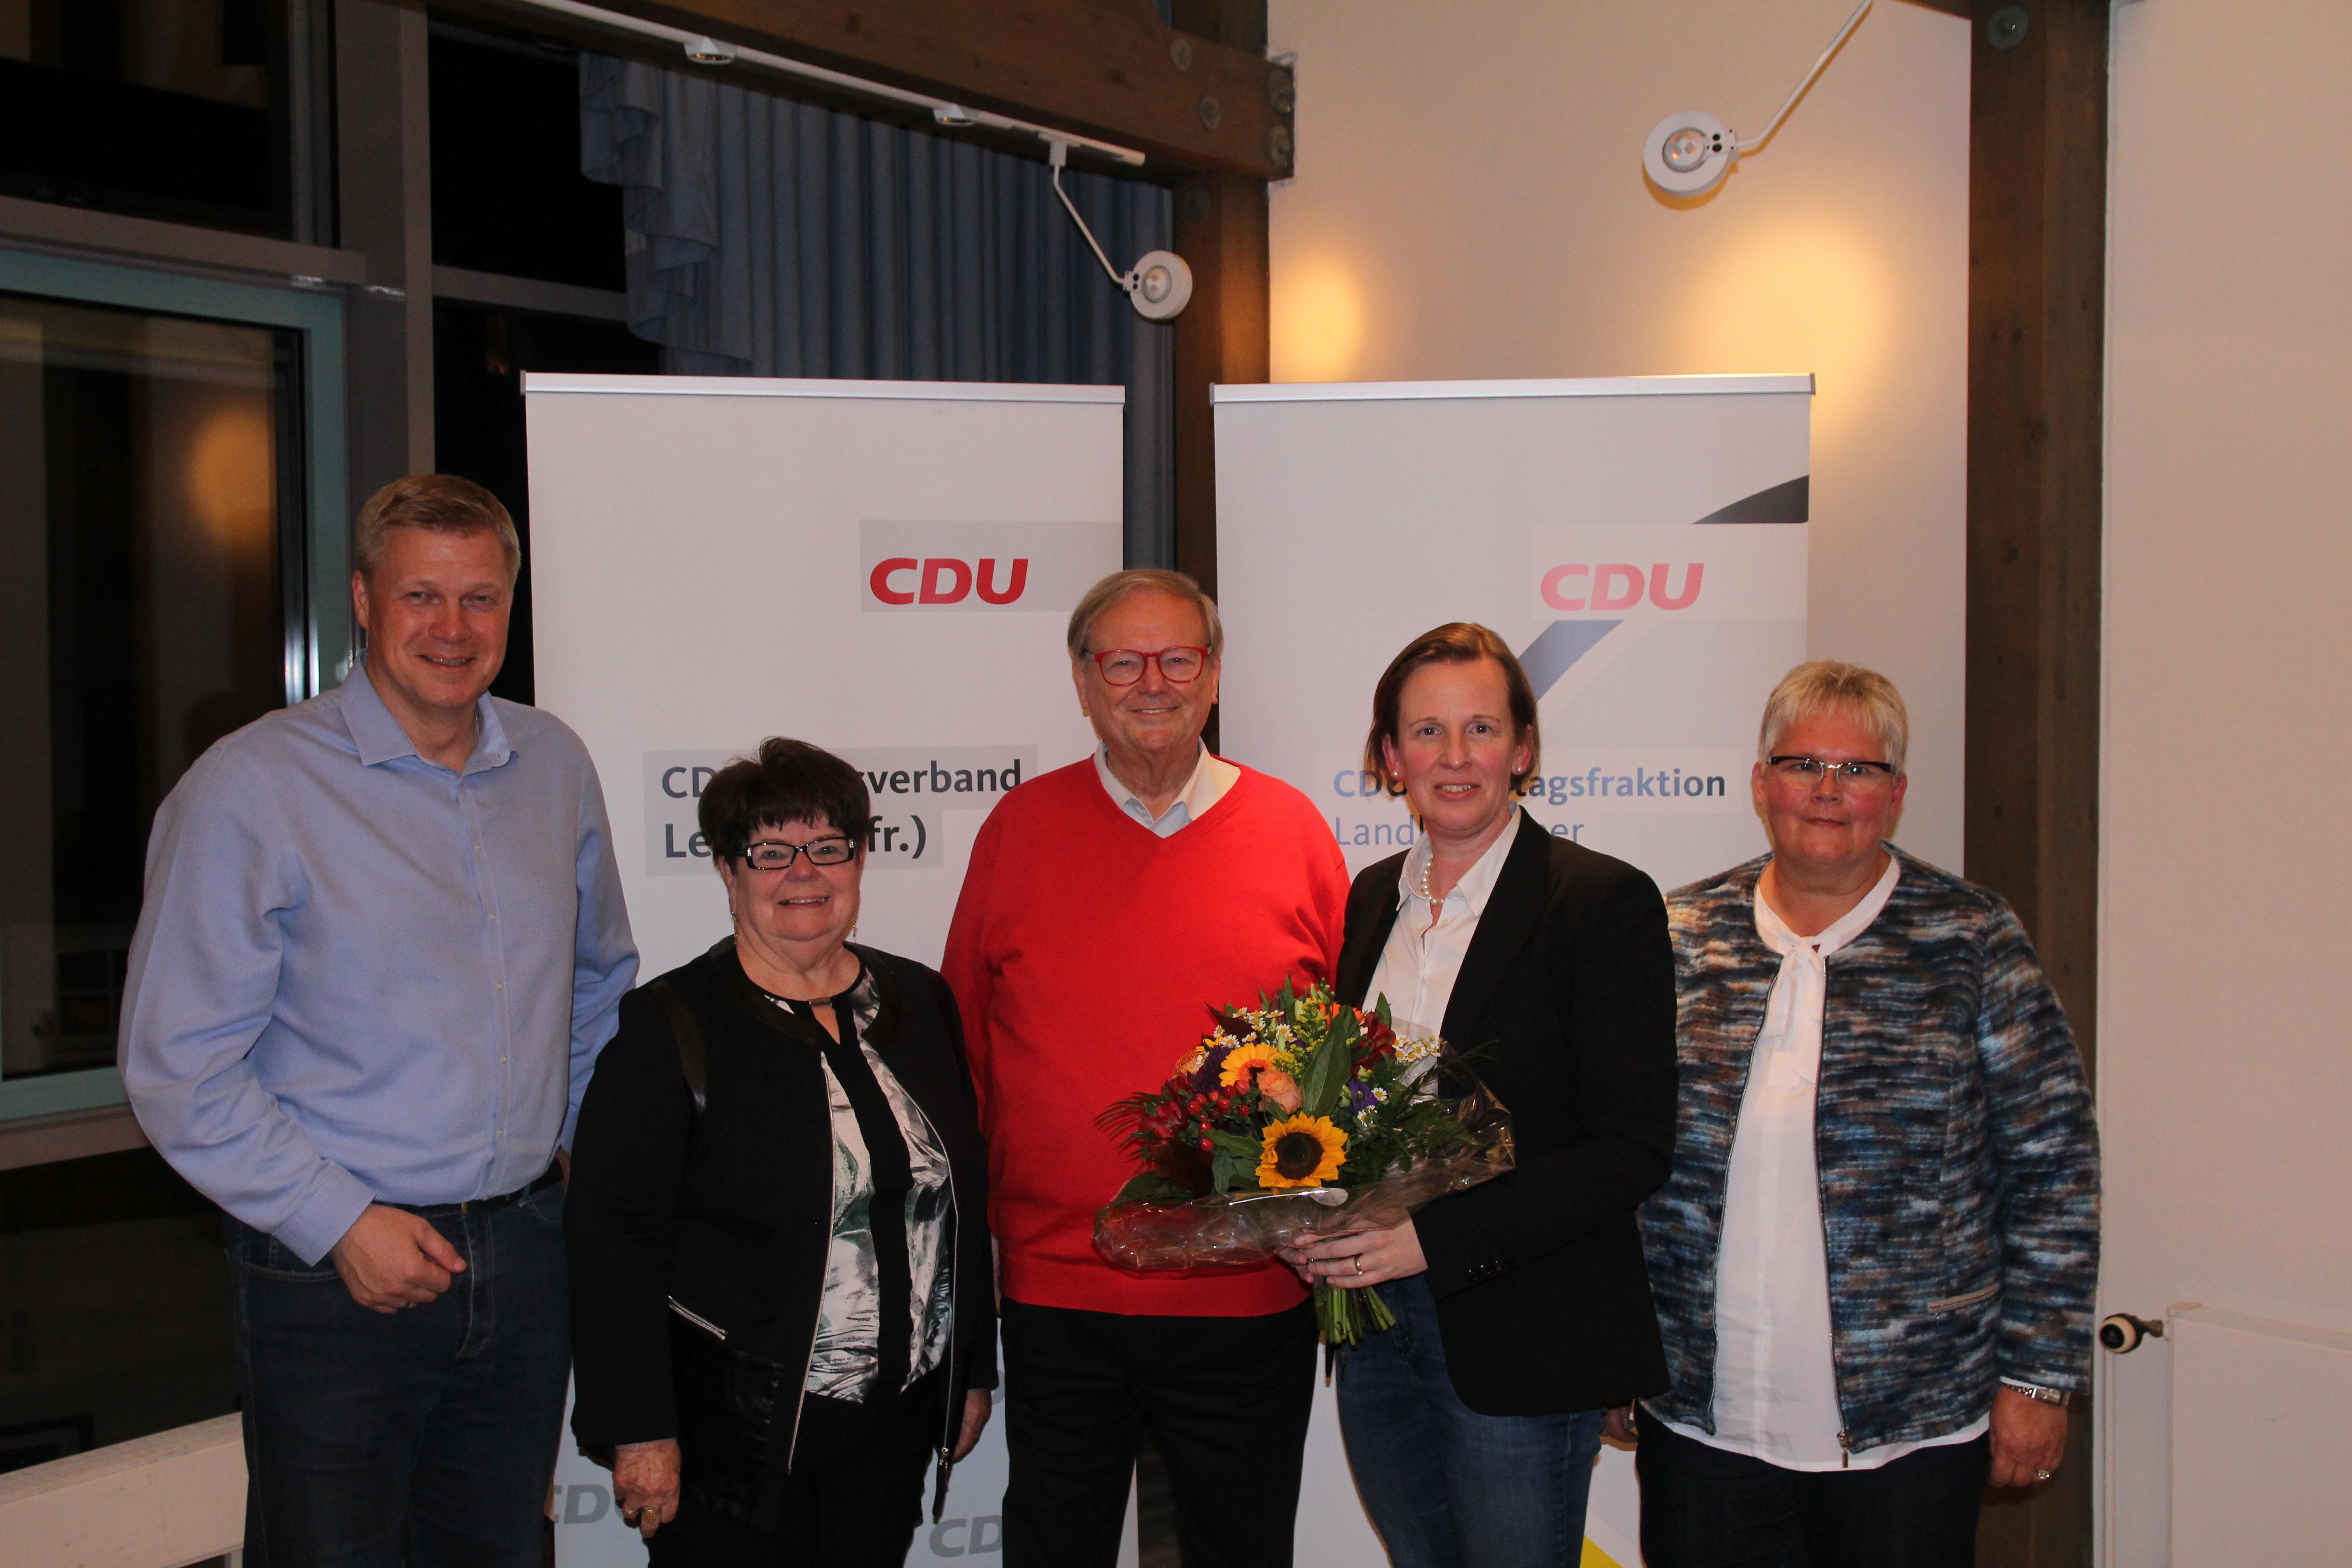 Der Fraktionsvorsitzende Dieter Baumann